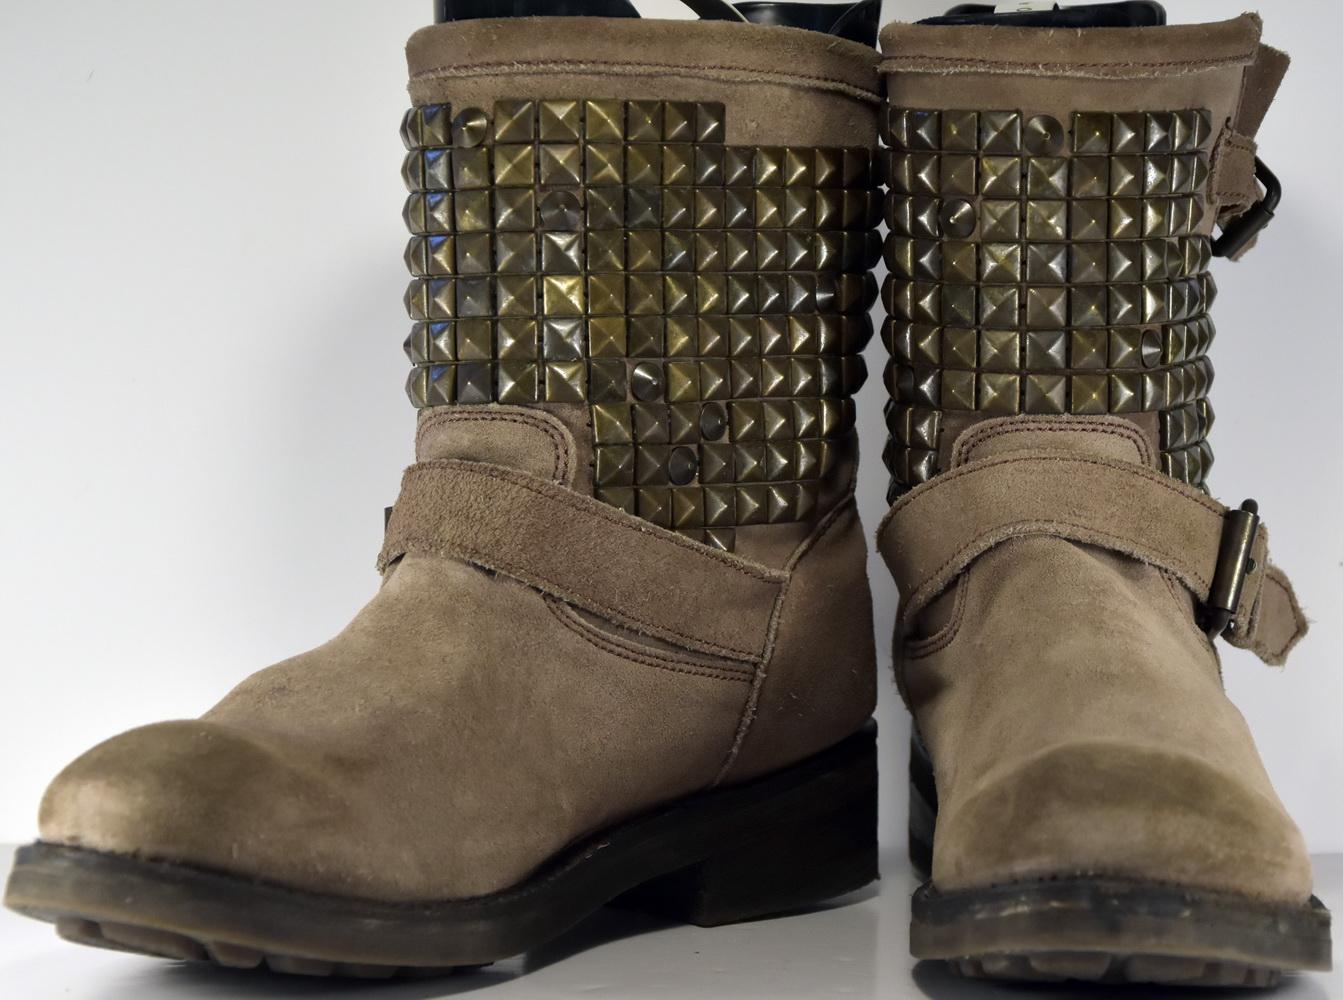 Détails sur X018 ASH BOTTINES MOTARD CLOUTEES T.39 UK 6 VALEUR 350 €